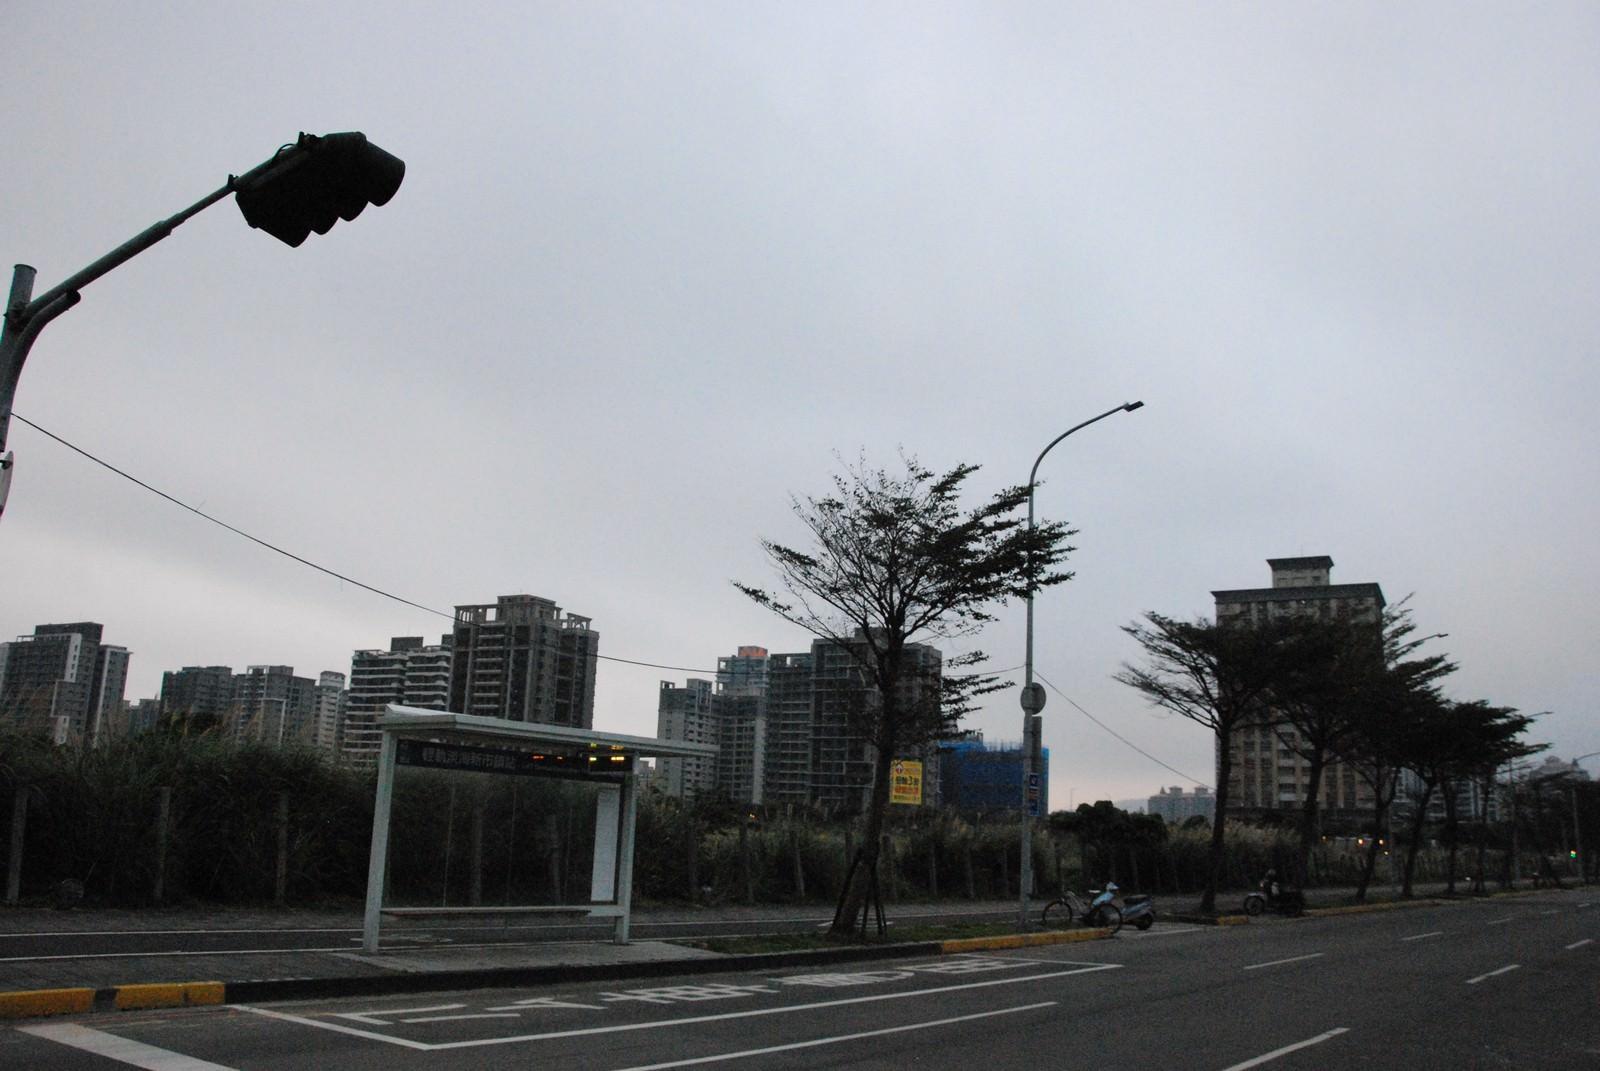 淡海輕軌綠山線, 輕軌淡海新市鎮站, 周邊環境